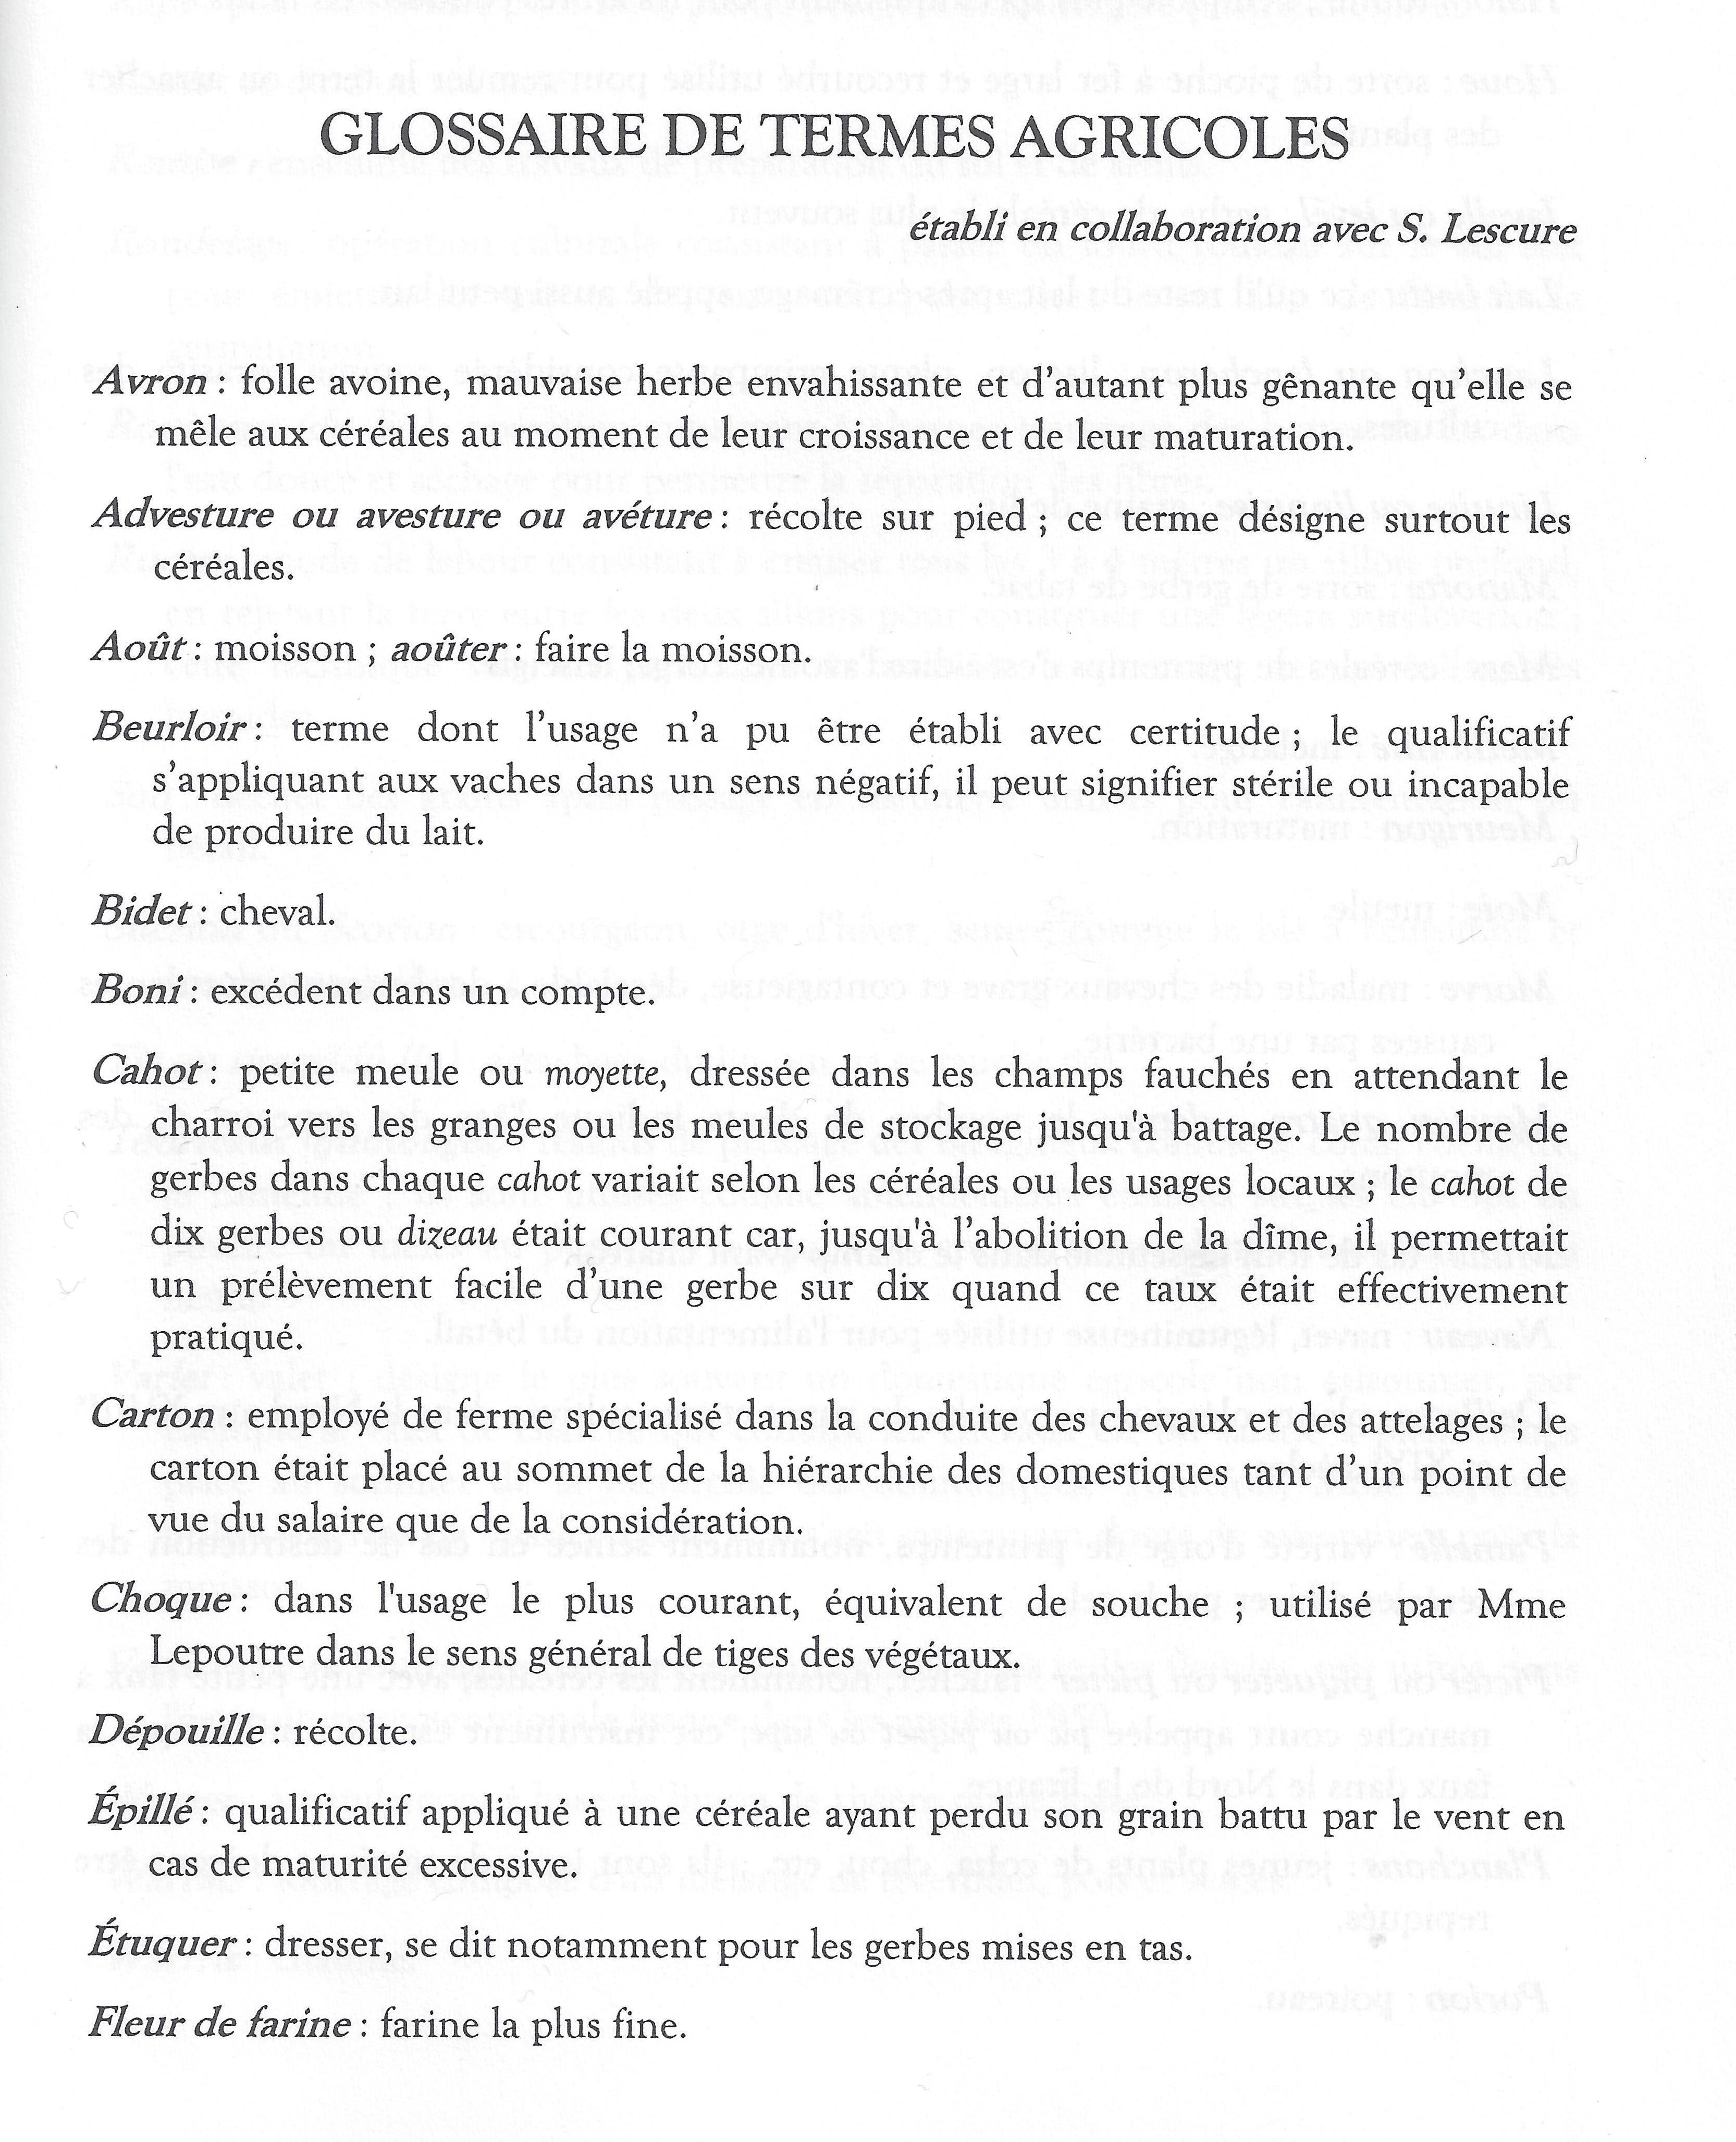 glossaire des thermes agricoles10